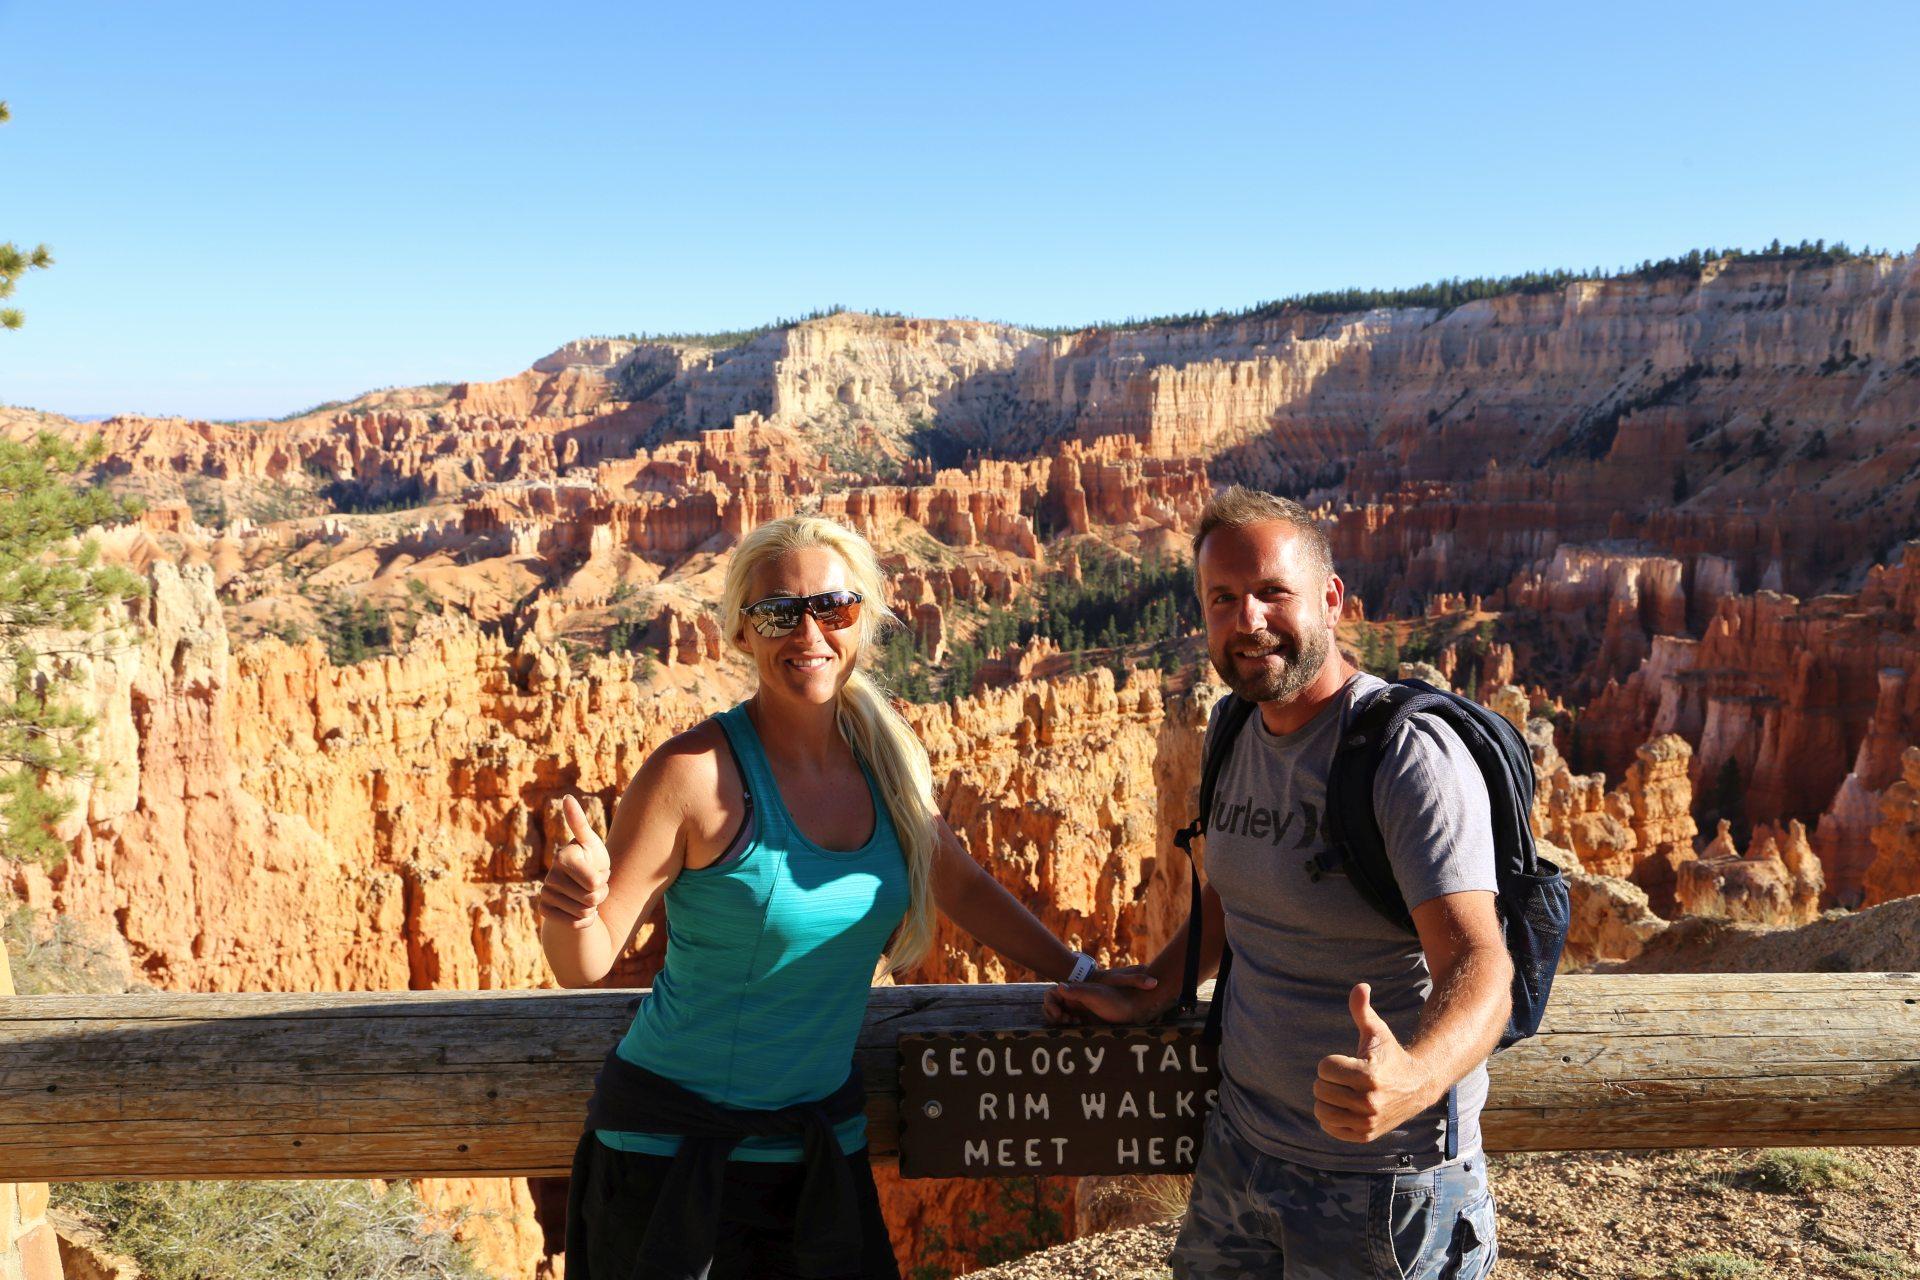 Der Bryce is heiß! - Aussicht, Blondine, Bryce Canyon National Park, Canyon, Erosion, farbenfroh, Felsnadeln, Felstürme, Fernsicht, Geologie, Gestein, Gesteinssäulen, Himmel, Hoodoos, Landschaft, Monolithen, Natur, Panorama, Personen, Portrait, Porträt, Sandstein, Utah - HOFBAUER-HOFMANN Sofia, WEISSINGER Andreas - (Bryce Canyon, Bryce, Utah, Vereinigte Staaten)